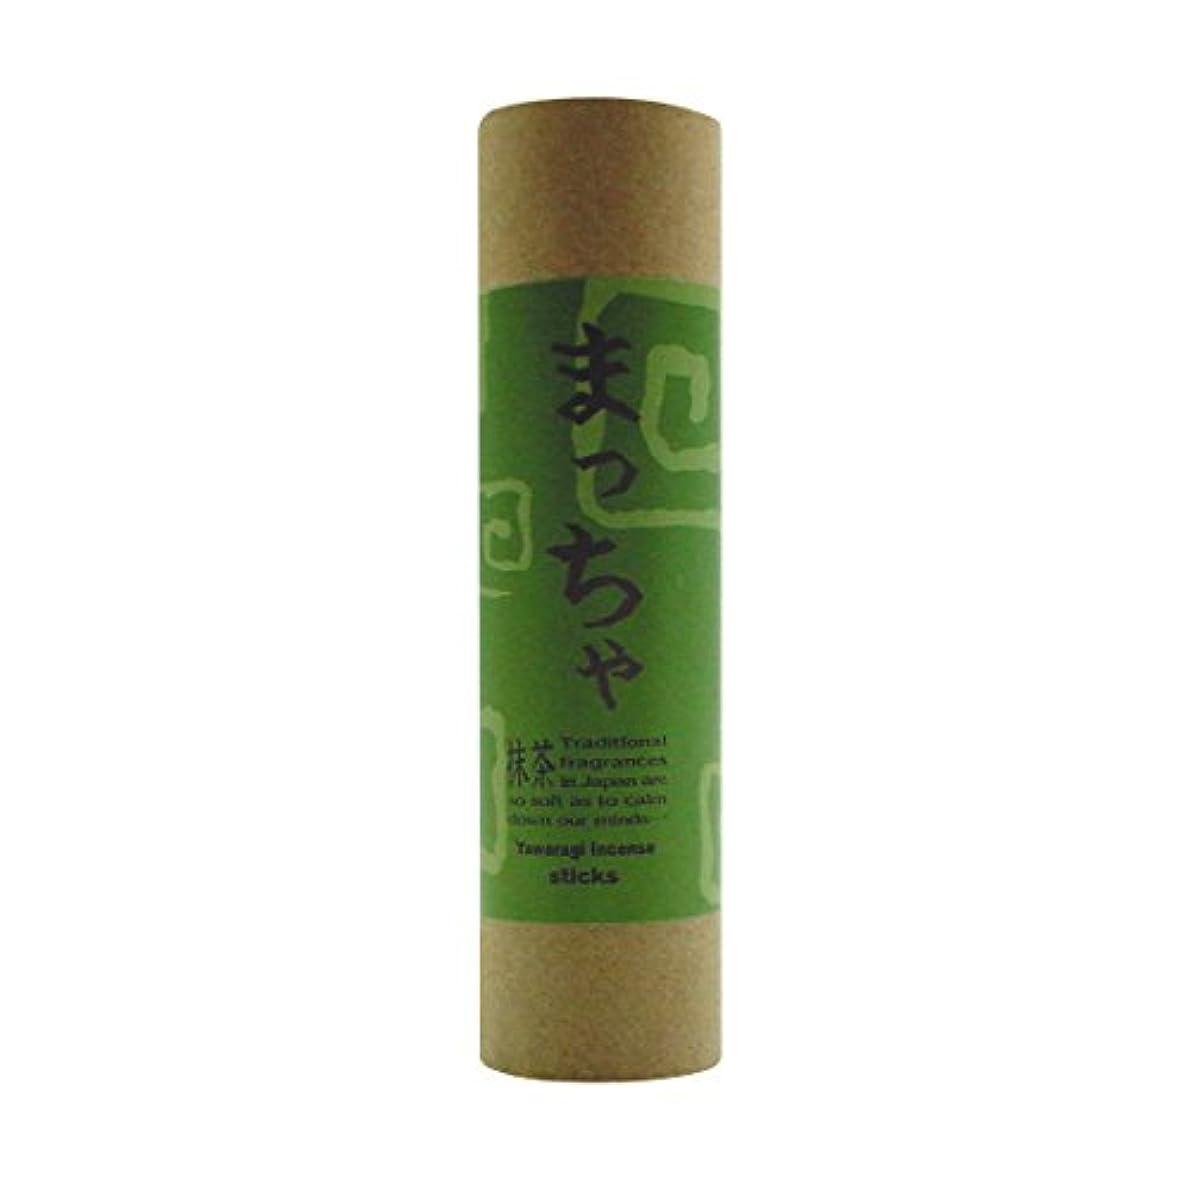 枝入札想像する和のお香 スティック まっちゃ 15本(スティックタイプインセンス)